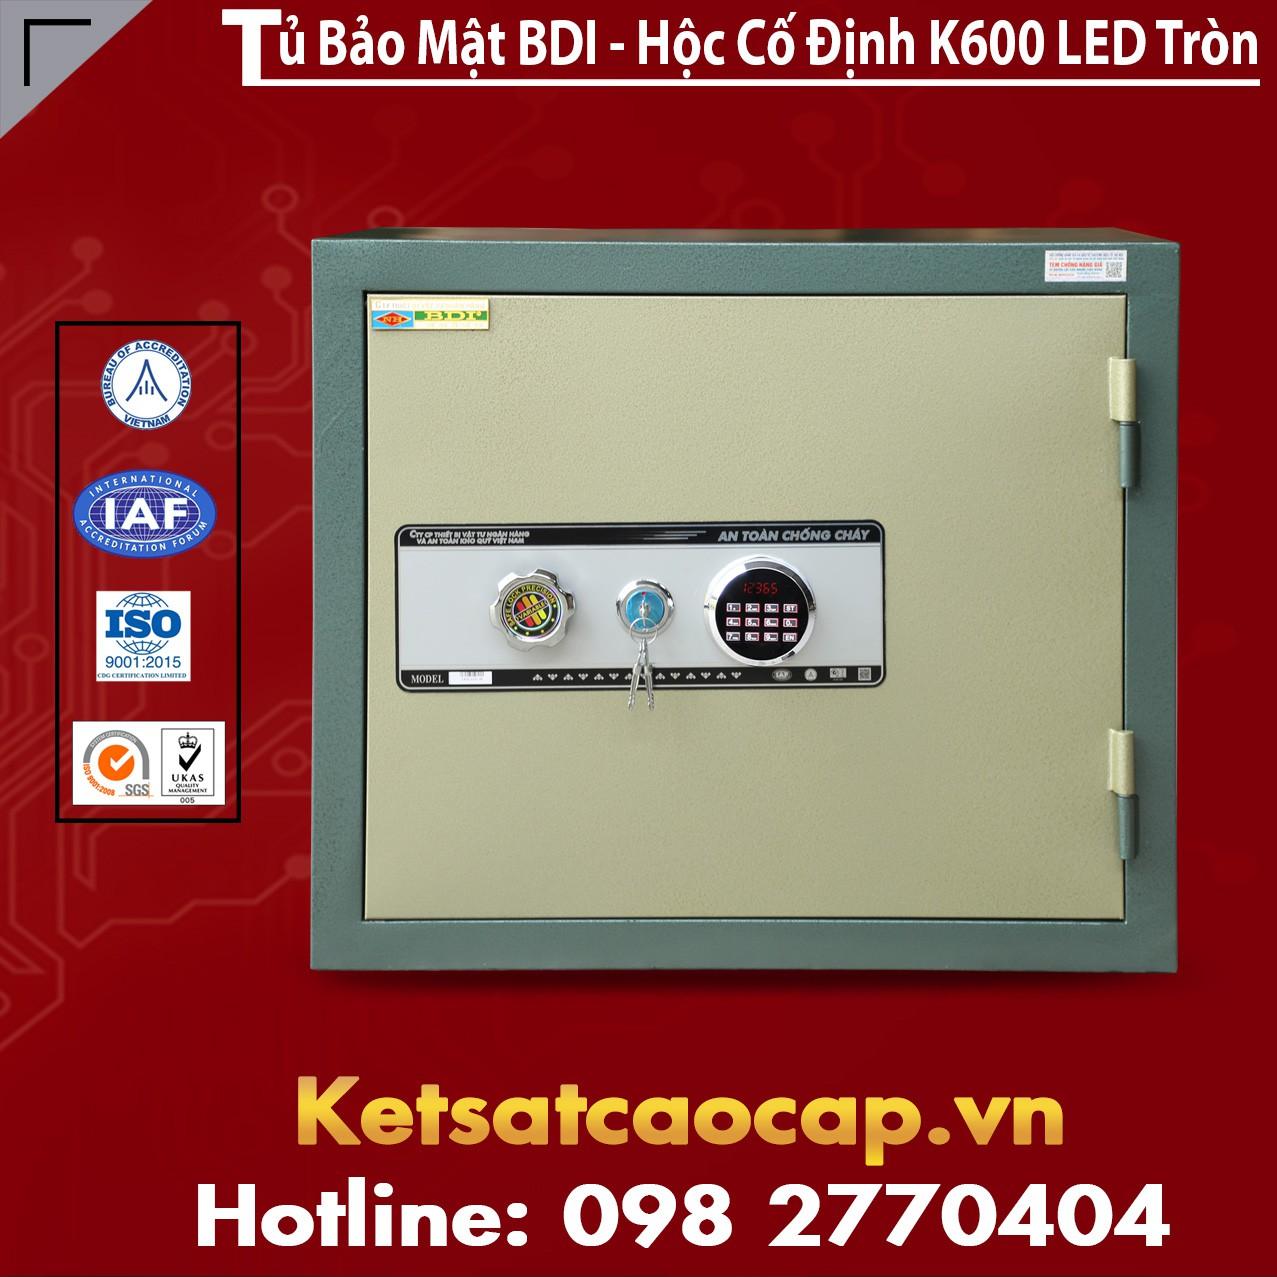 Tủ Bảo Mật BDI - Hộc Cố Định K600 - LED Tròn